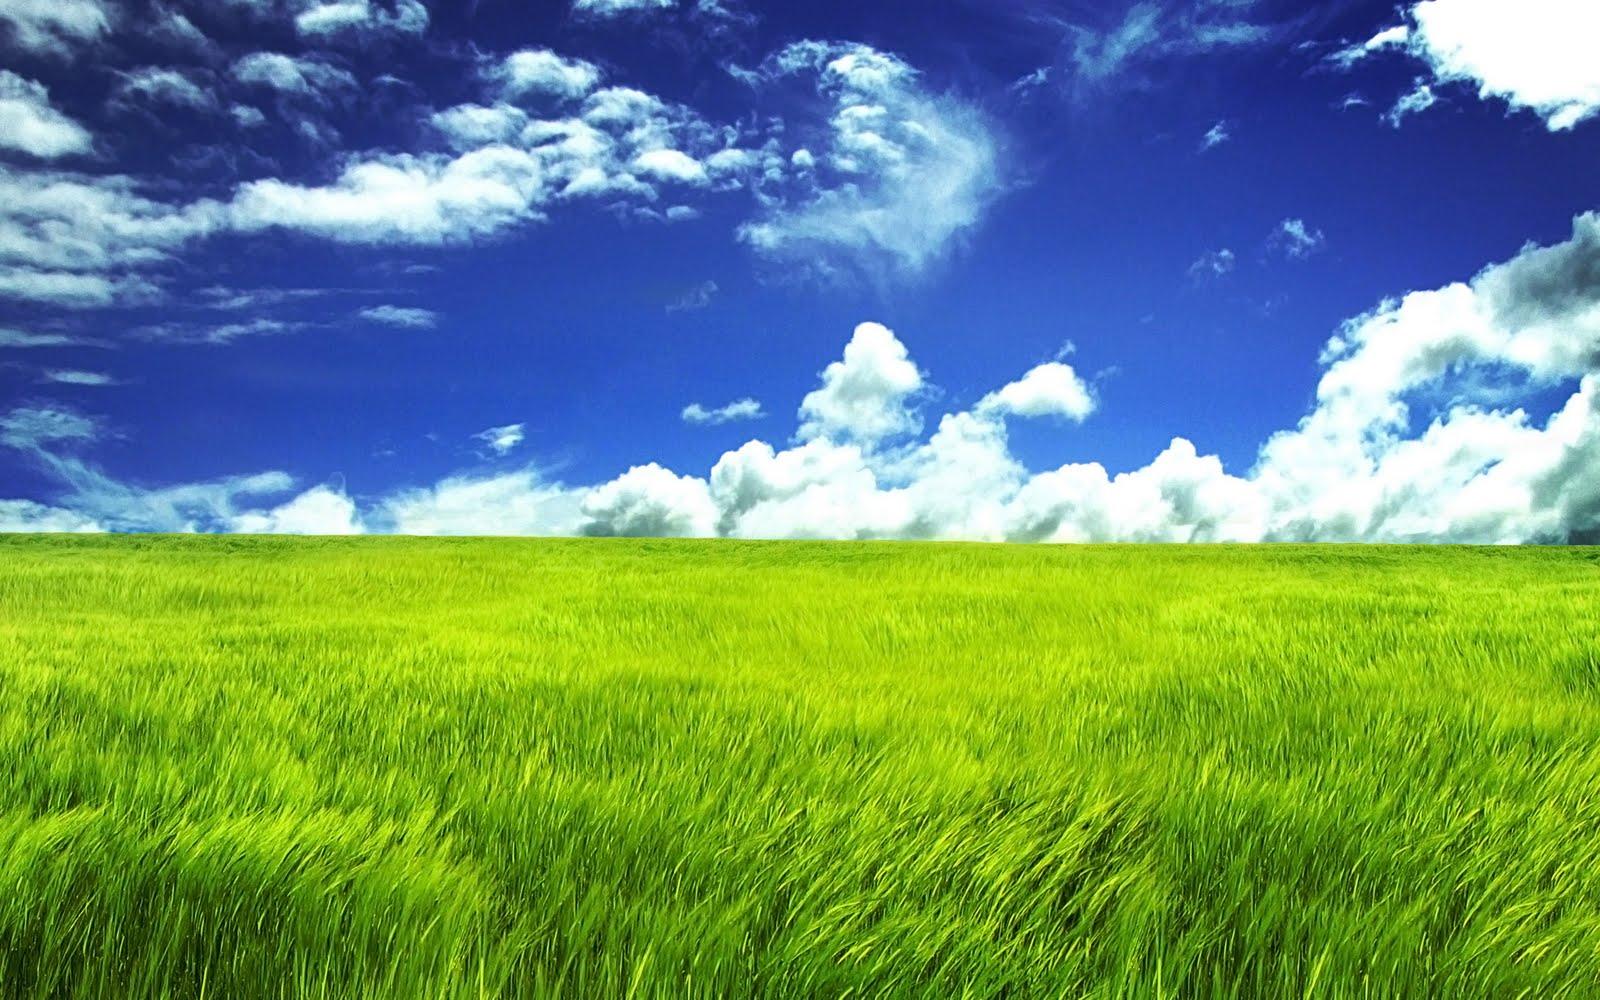 http://1.bp.blogspot.com/-bQL-RXzhWiM/TmD3_rYAkFI/AAAAAAAAANM/HMZ3b2ZHlds/s1600/nature%2Bwide.jpg